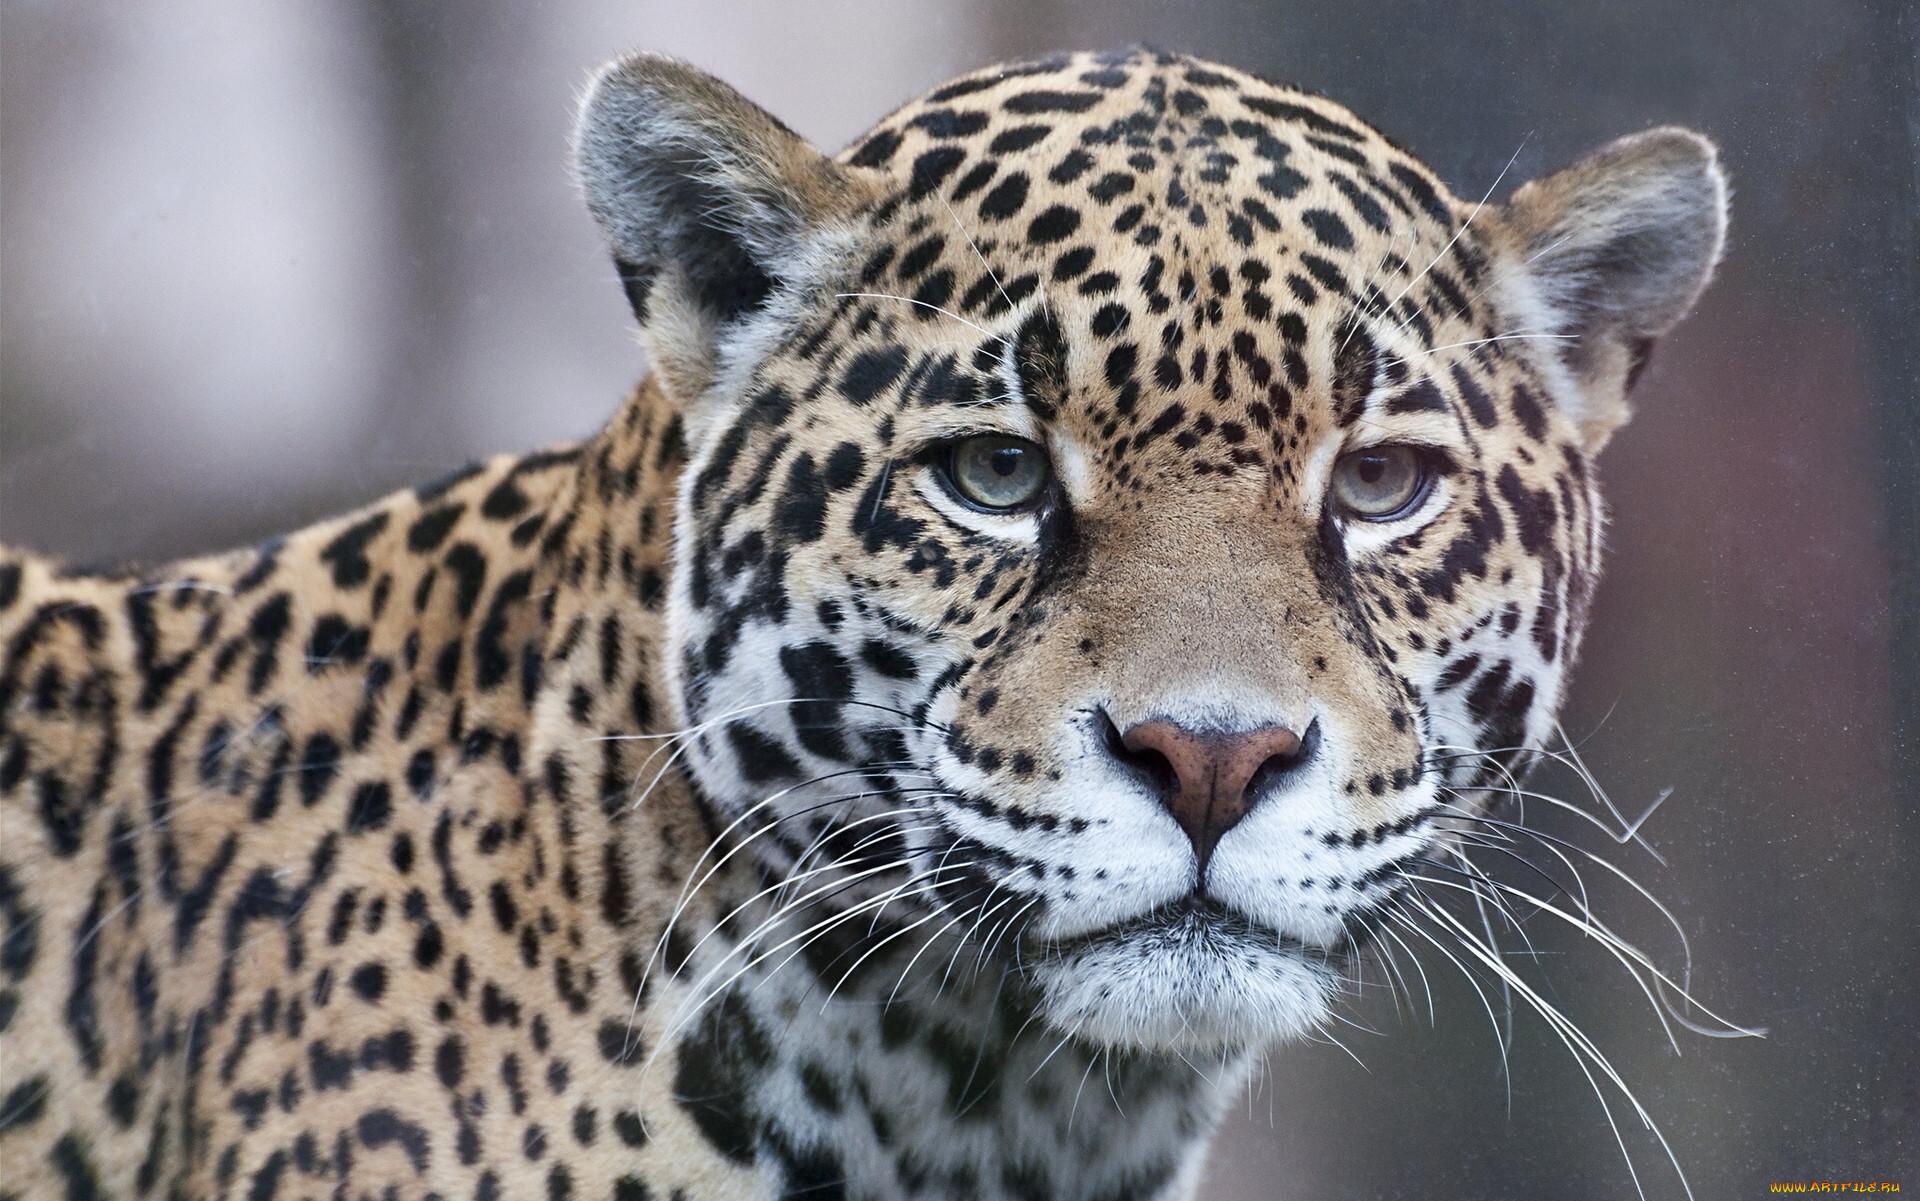 доброкачественное образования, самые красивые фото ягуара самая преданная поклонница